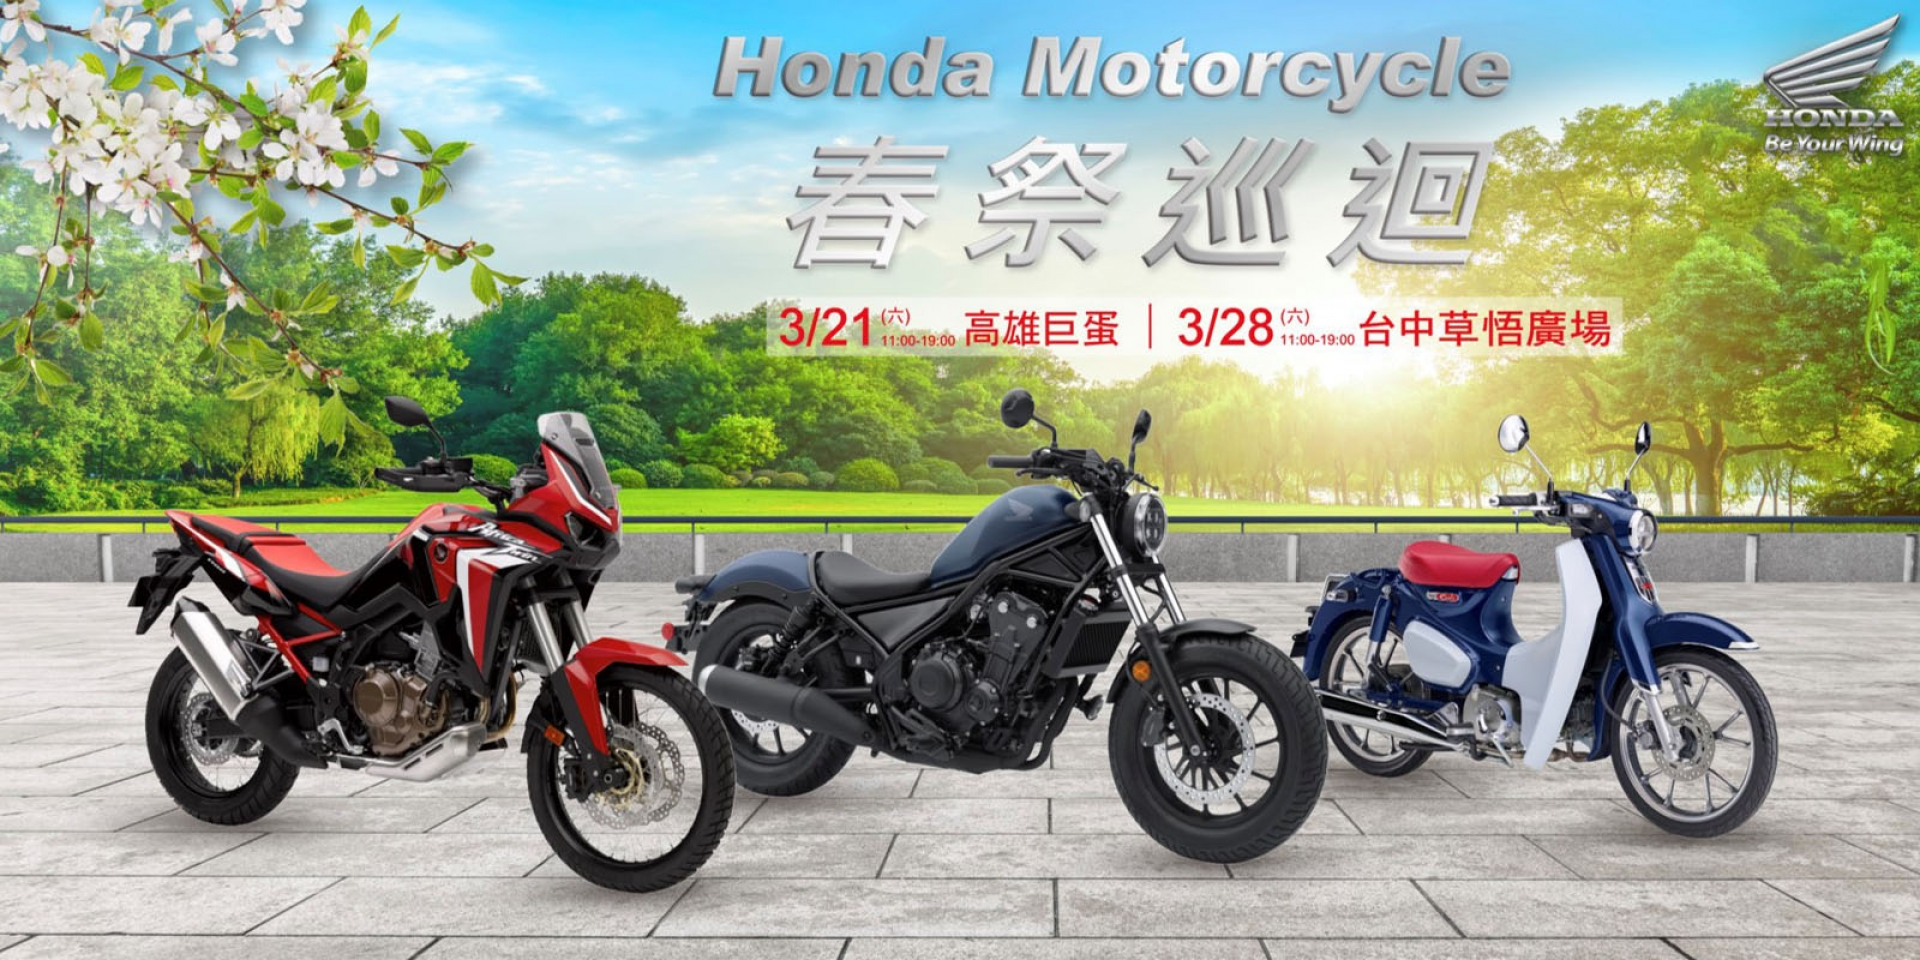 官方新聞稿。Honda Motorcycle 2020春祭巡迴外展活動開跑 全系列車款共同出展 來店試乘獨享原廠限定精品抽獎資格